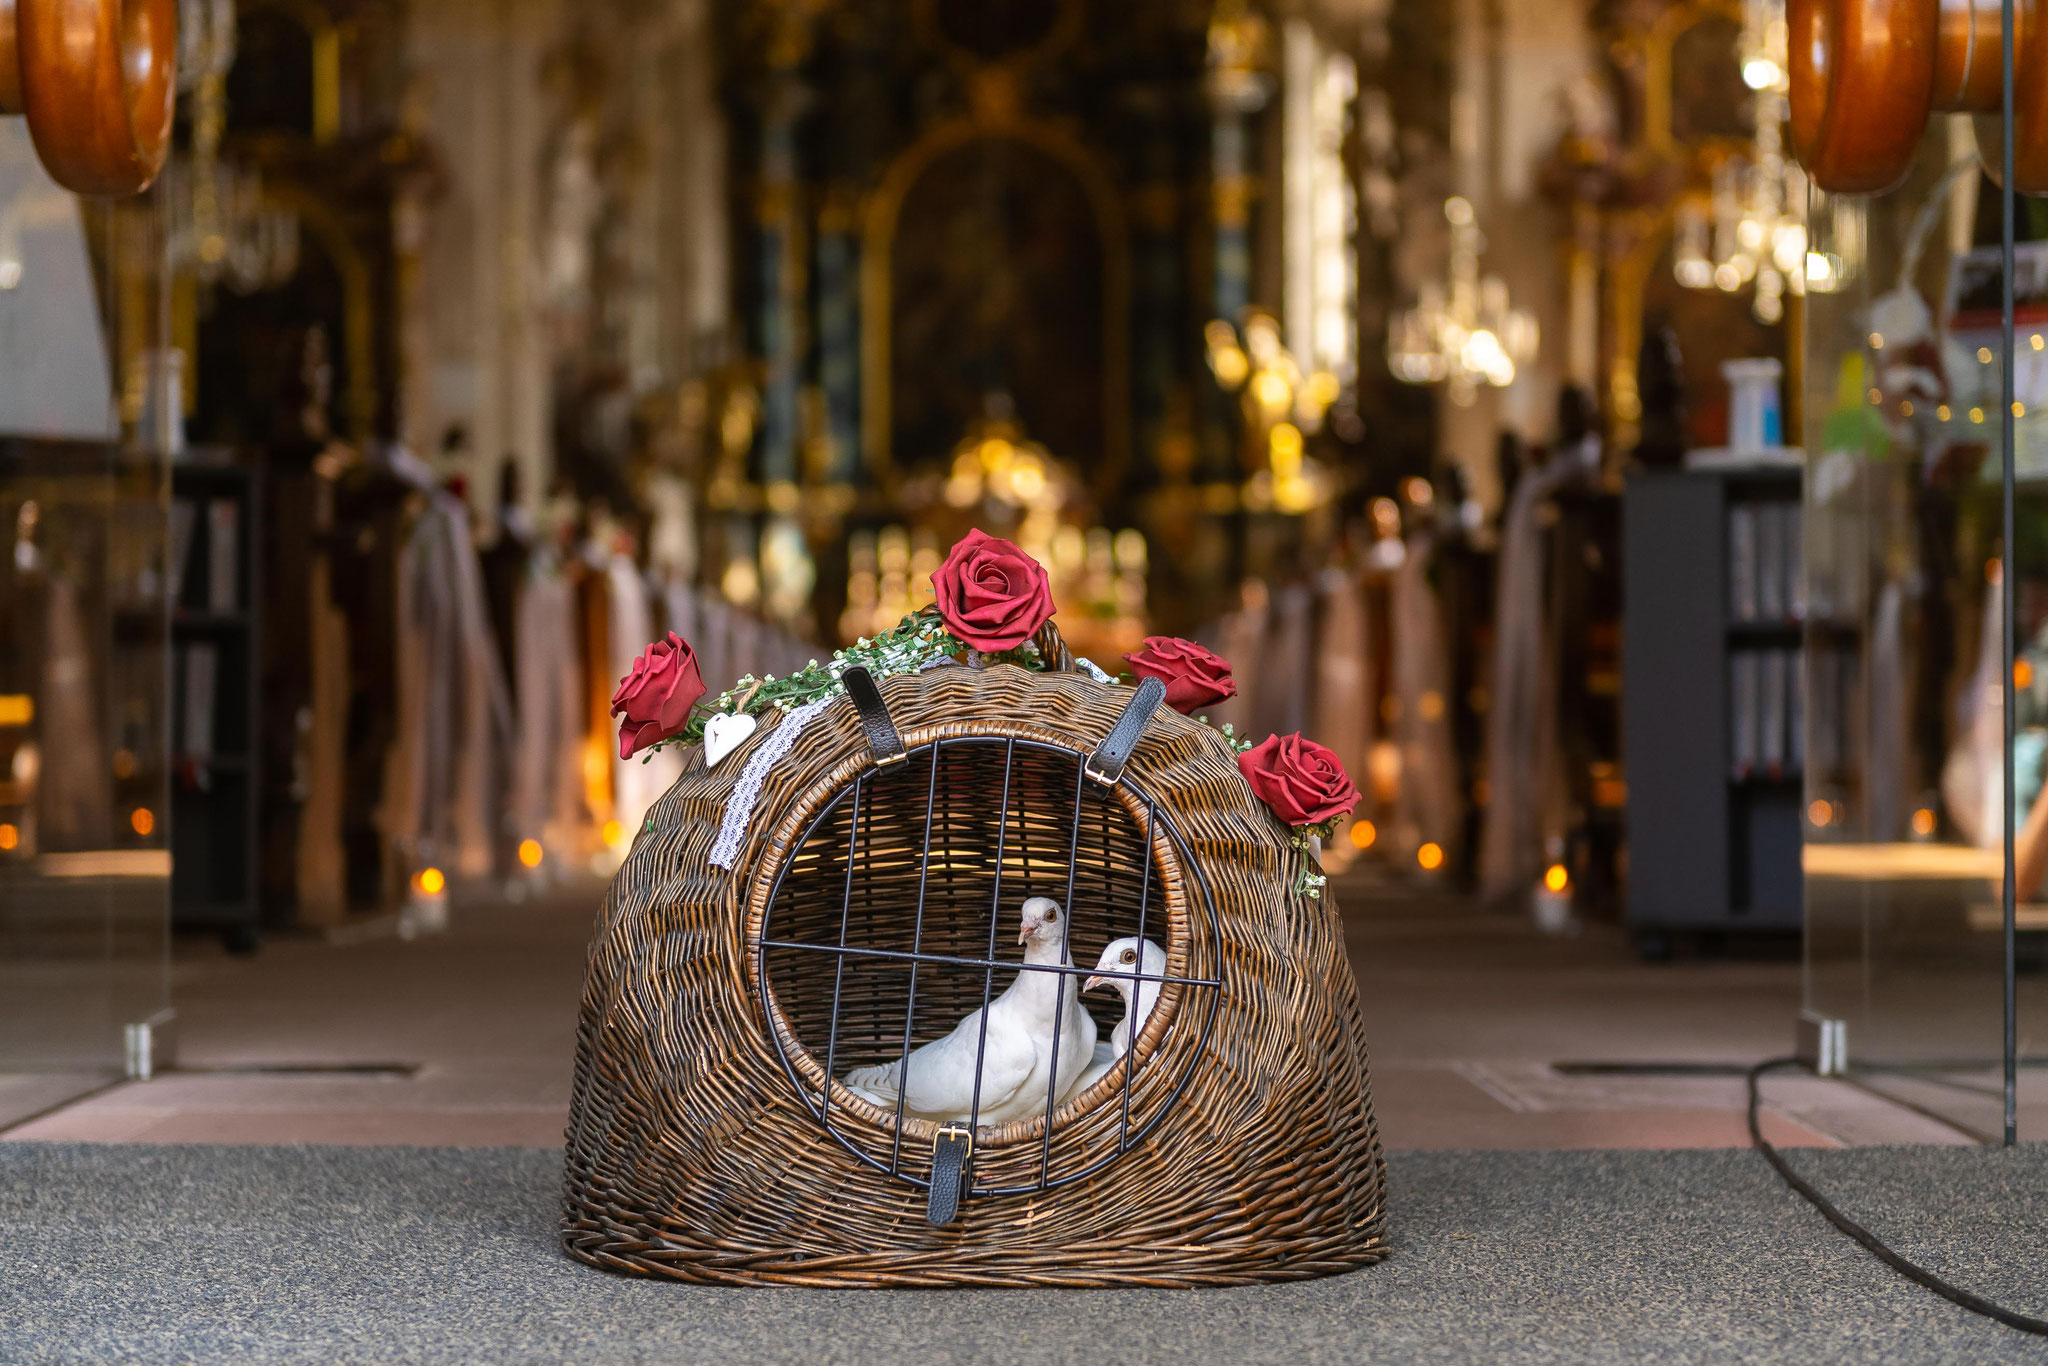 Tauben zum Hochzeitstag Tolle Aufnahmen für Foto und Video